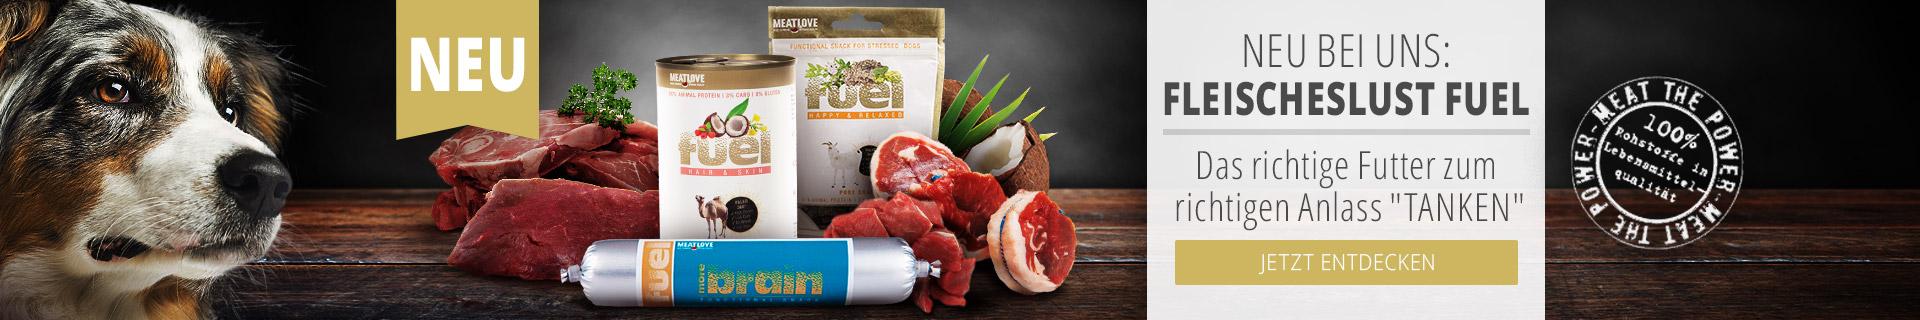 Produktneuvorstellung Fleischeslust Fuel Hundefutter